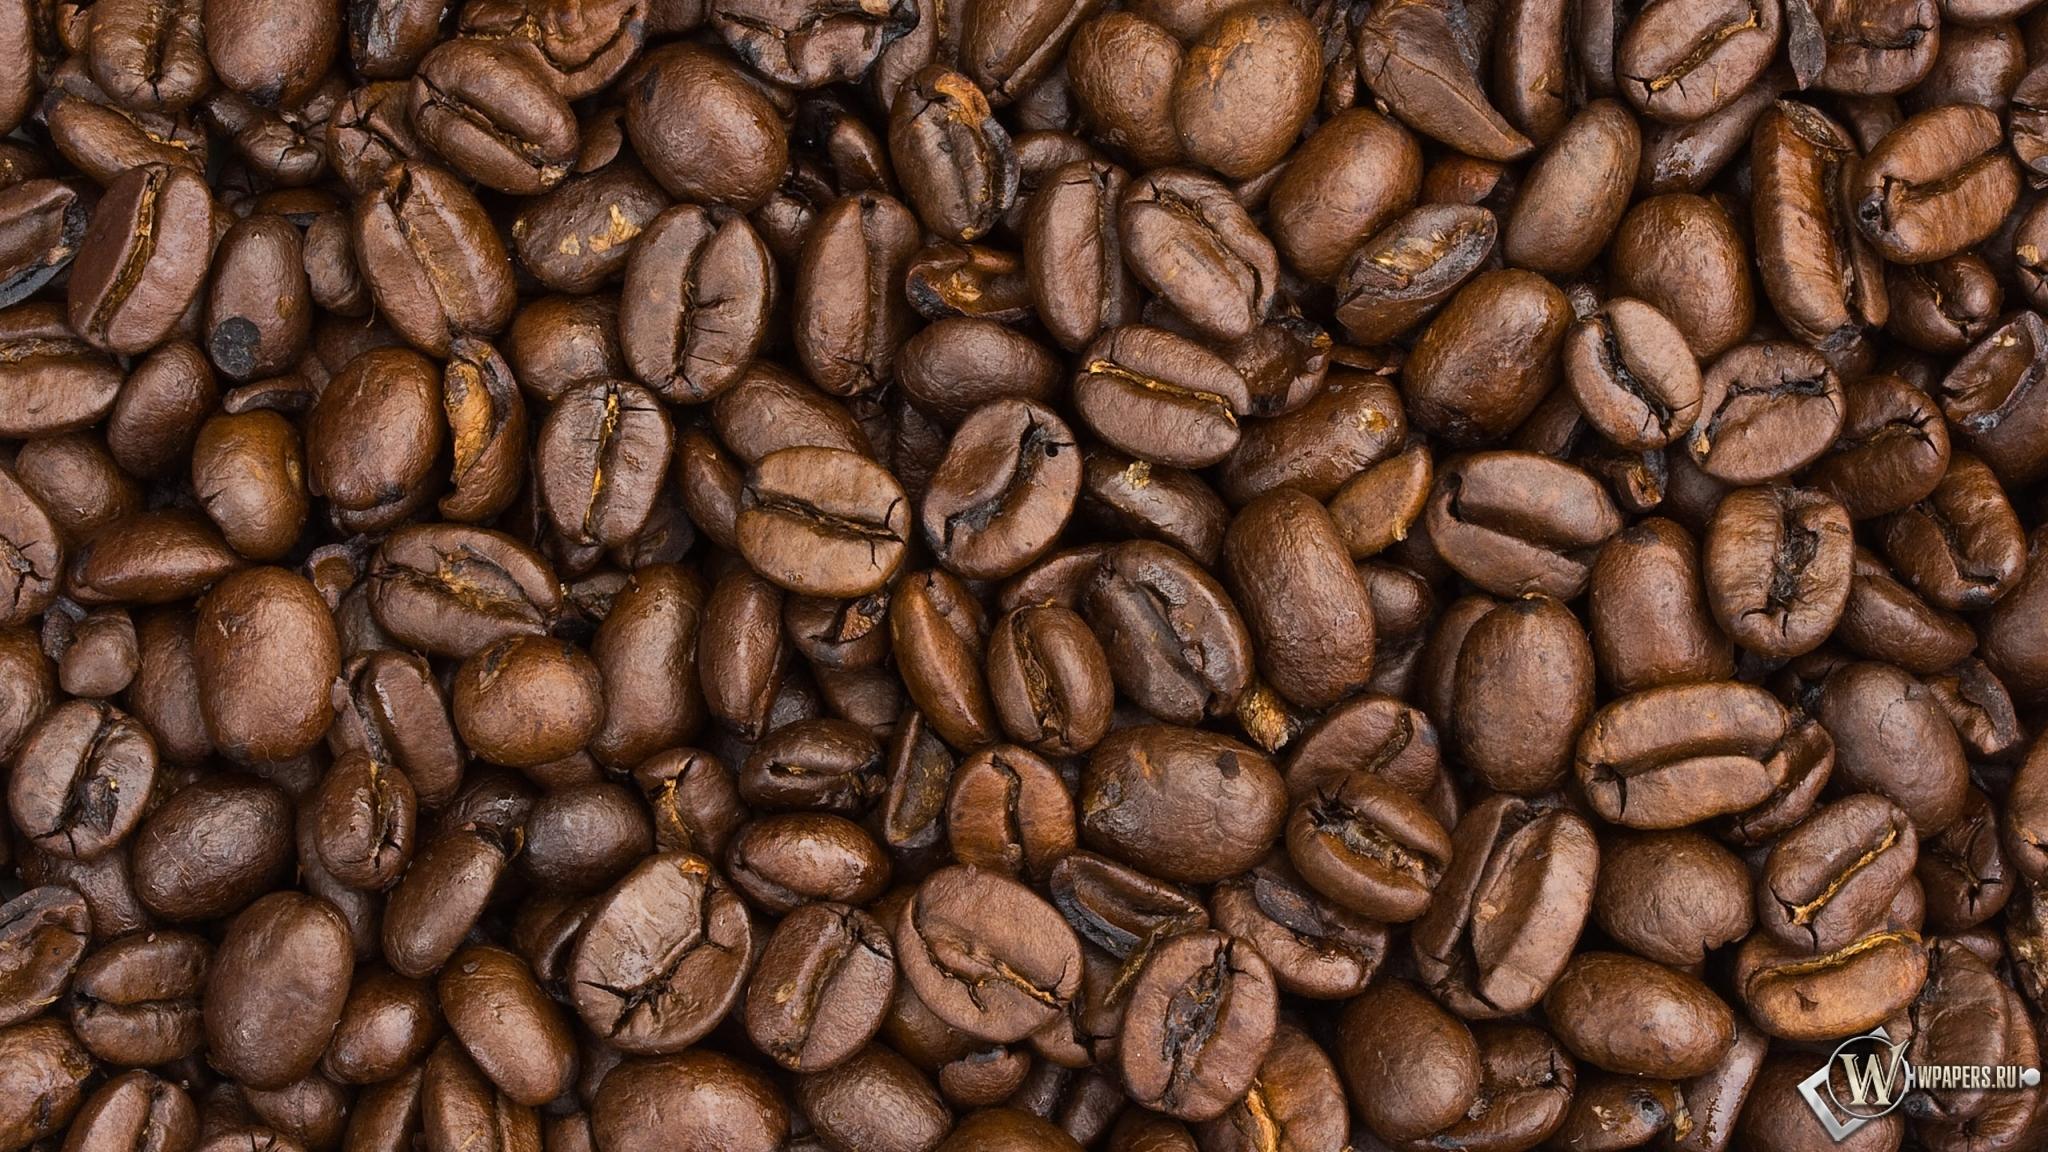 кофейные зерна мешковина ткань  № 3696147  скачать